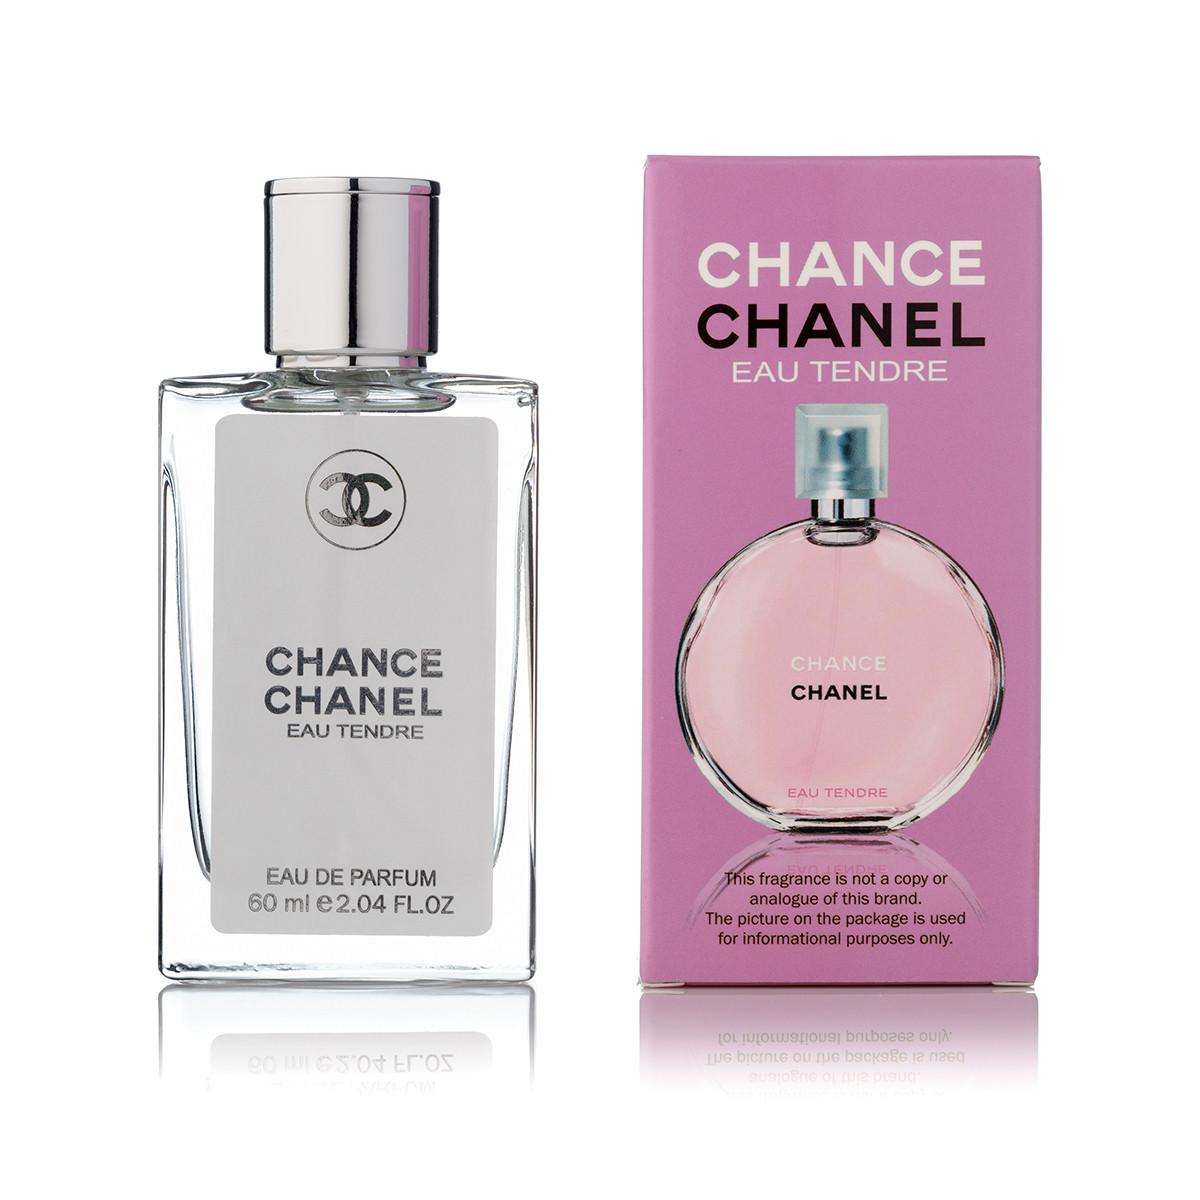 60 мл мини парфюм Chanel Chance Eau Tendre  - (Ж)